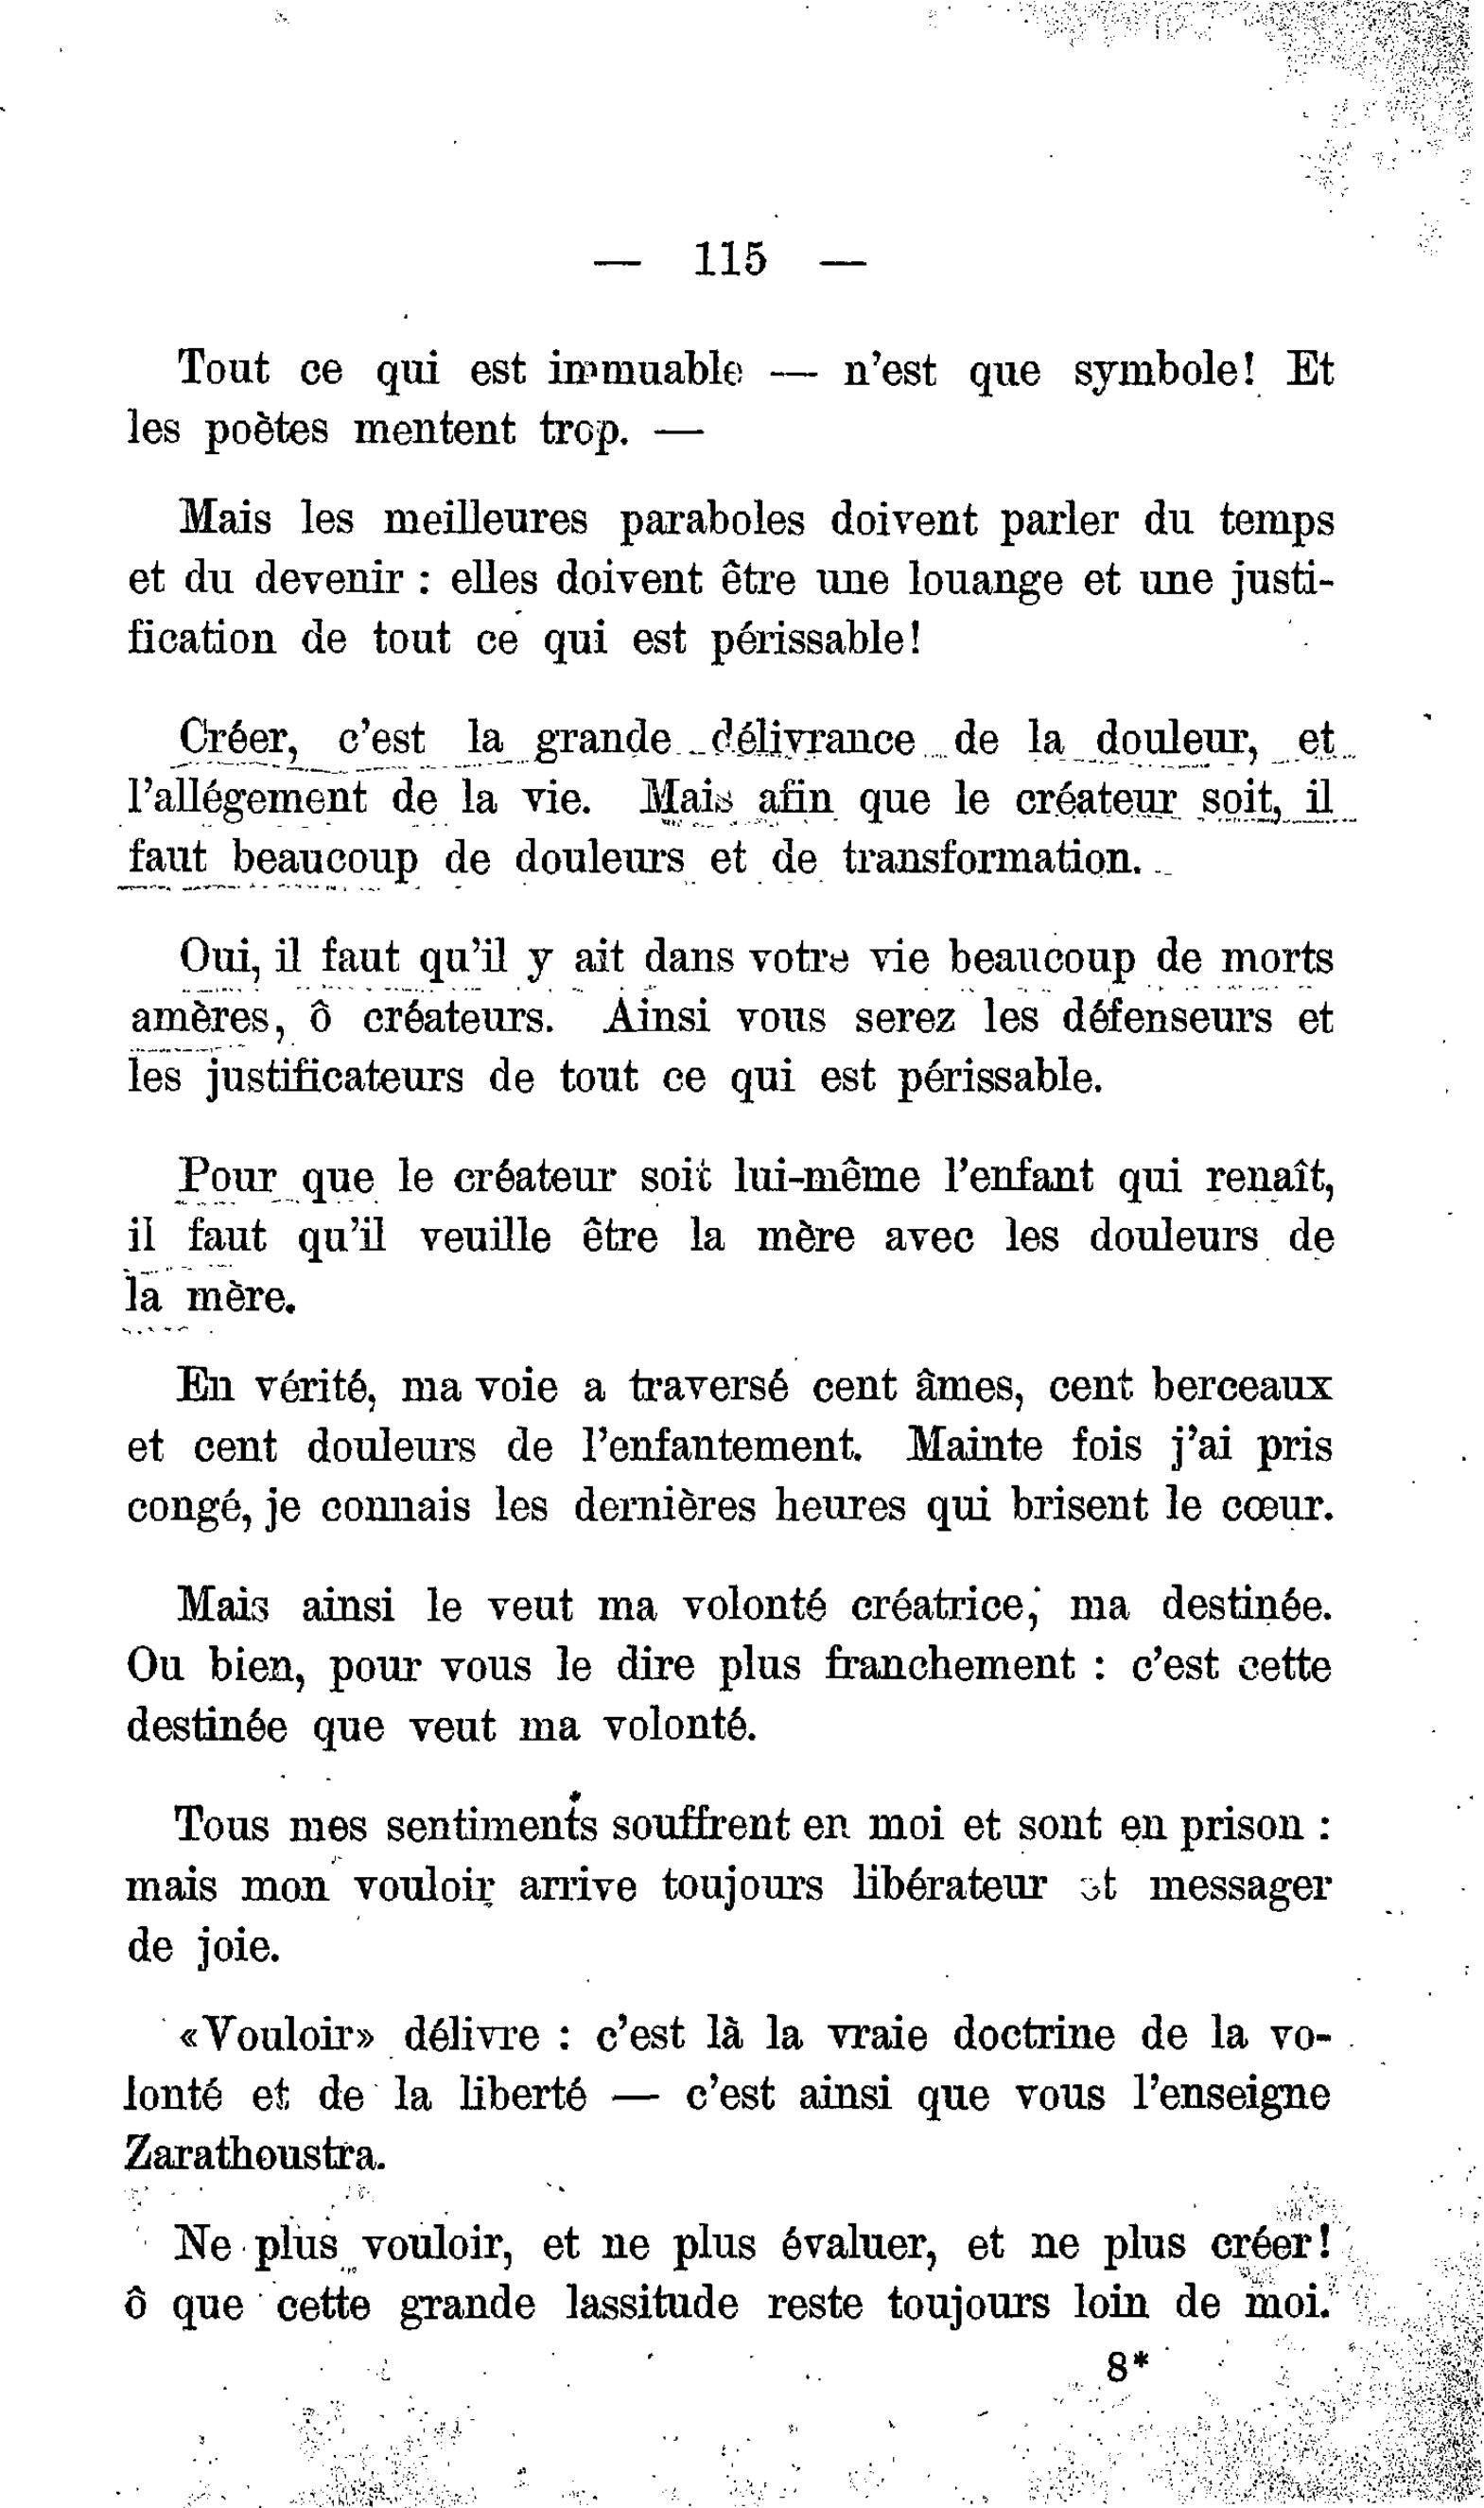 AINSI MUSIQUE ZARATHOUSTRA TÉLÉCHARGER GRATUITEMENT PARLAIT